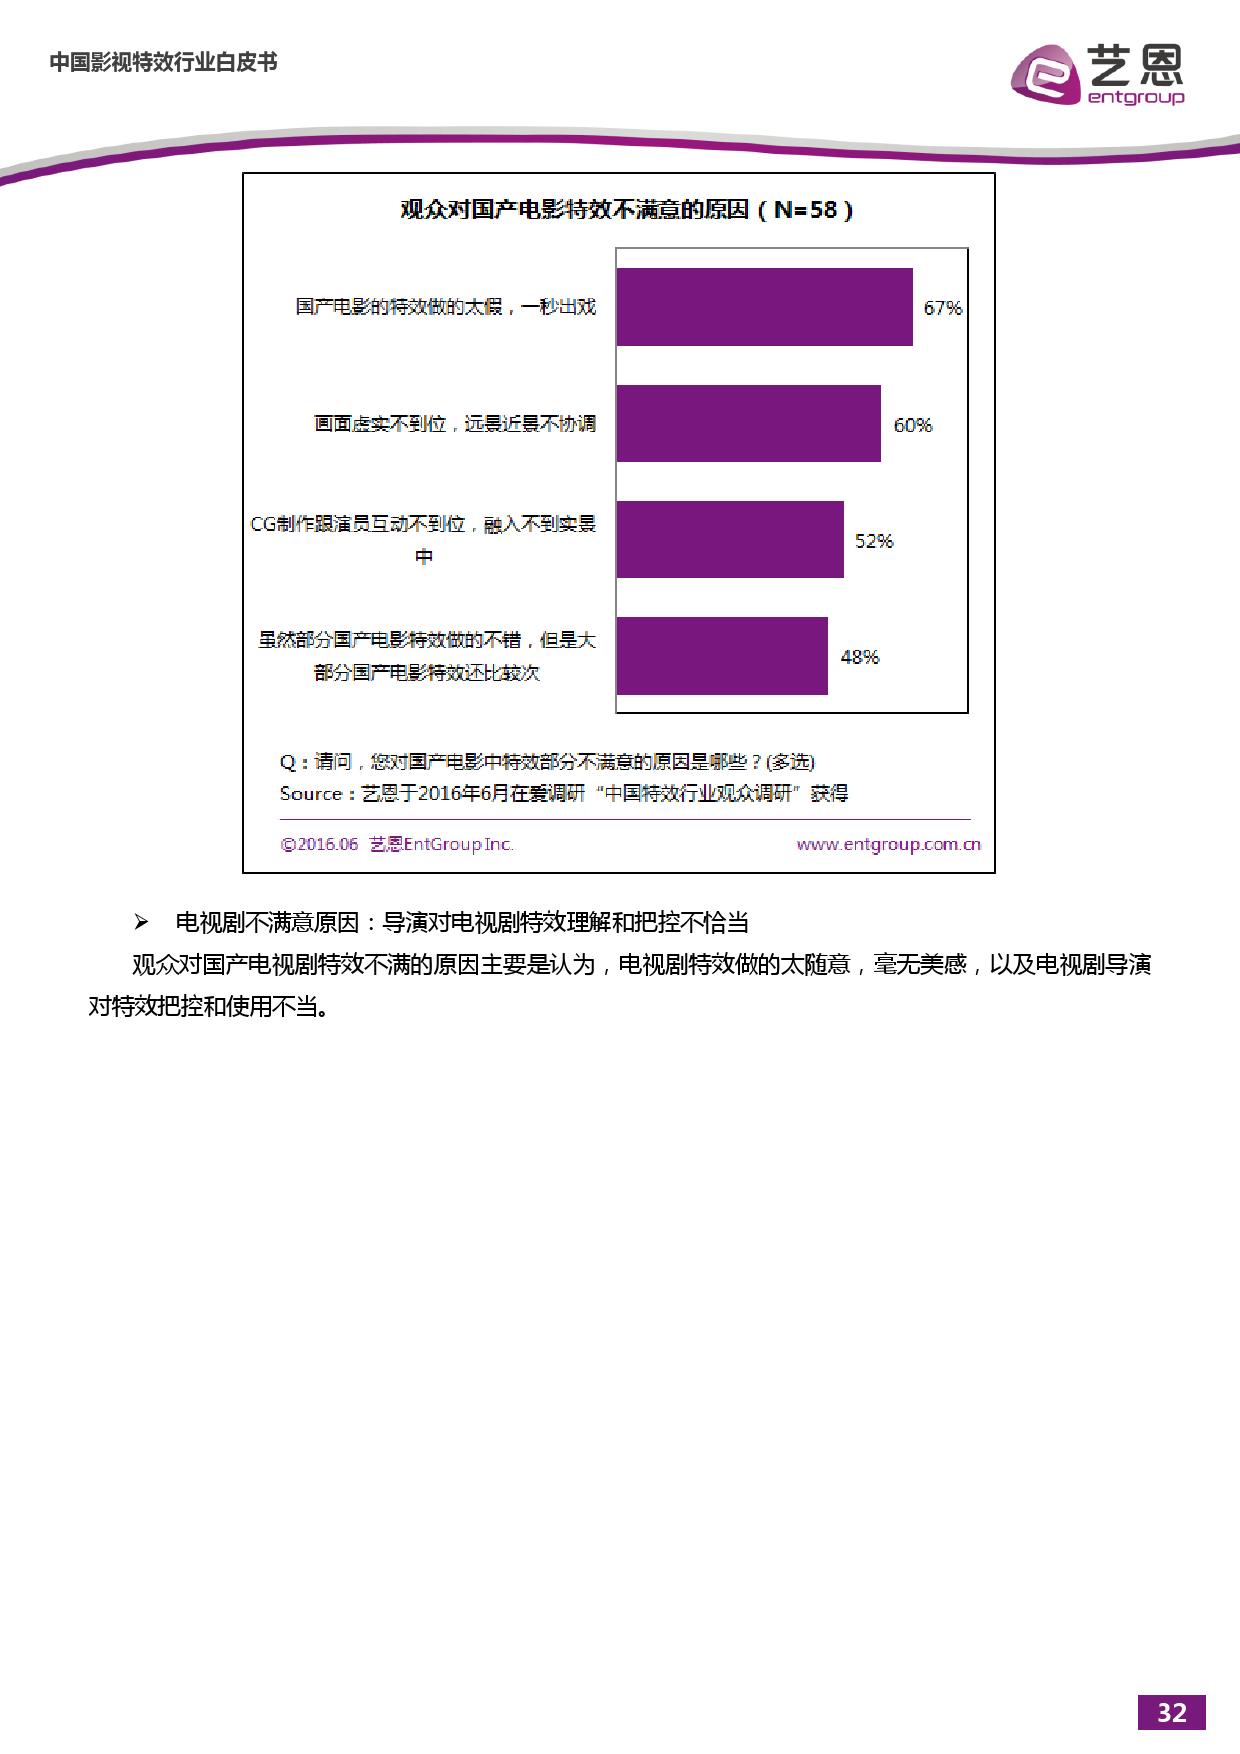 %e4%b8%ad%e5%9b%bd%e5%bd%b1%e8%a7%86%e7%89%b9%e6%95%88%e5%b8%82%e5%9c%ba%e7%a0%94%e7%a9%b6%e6%8a%a5%e5%91%8a_000033